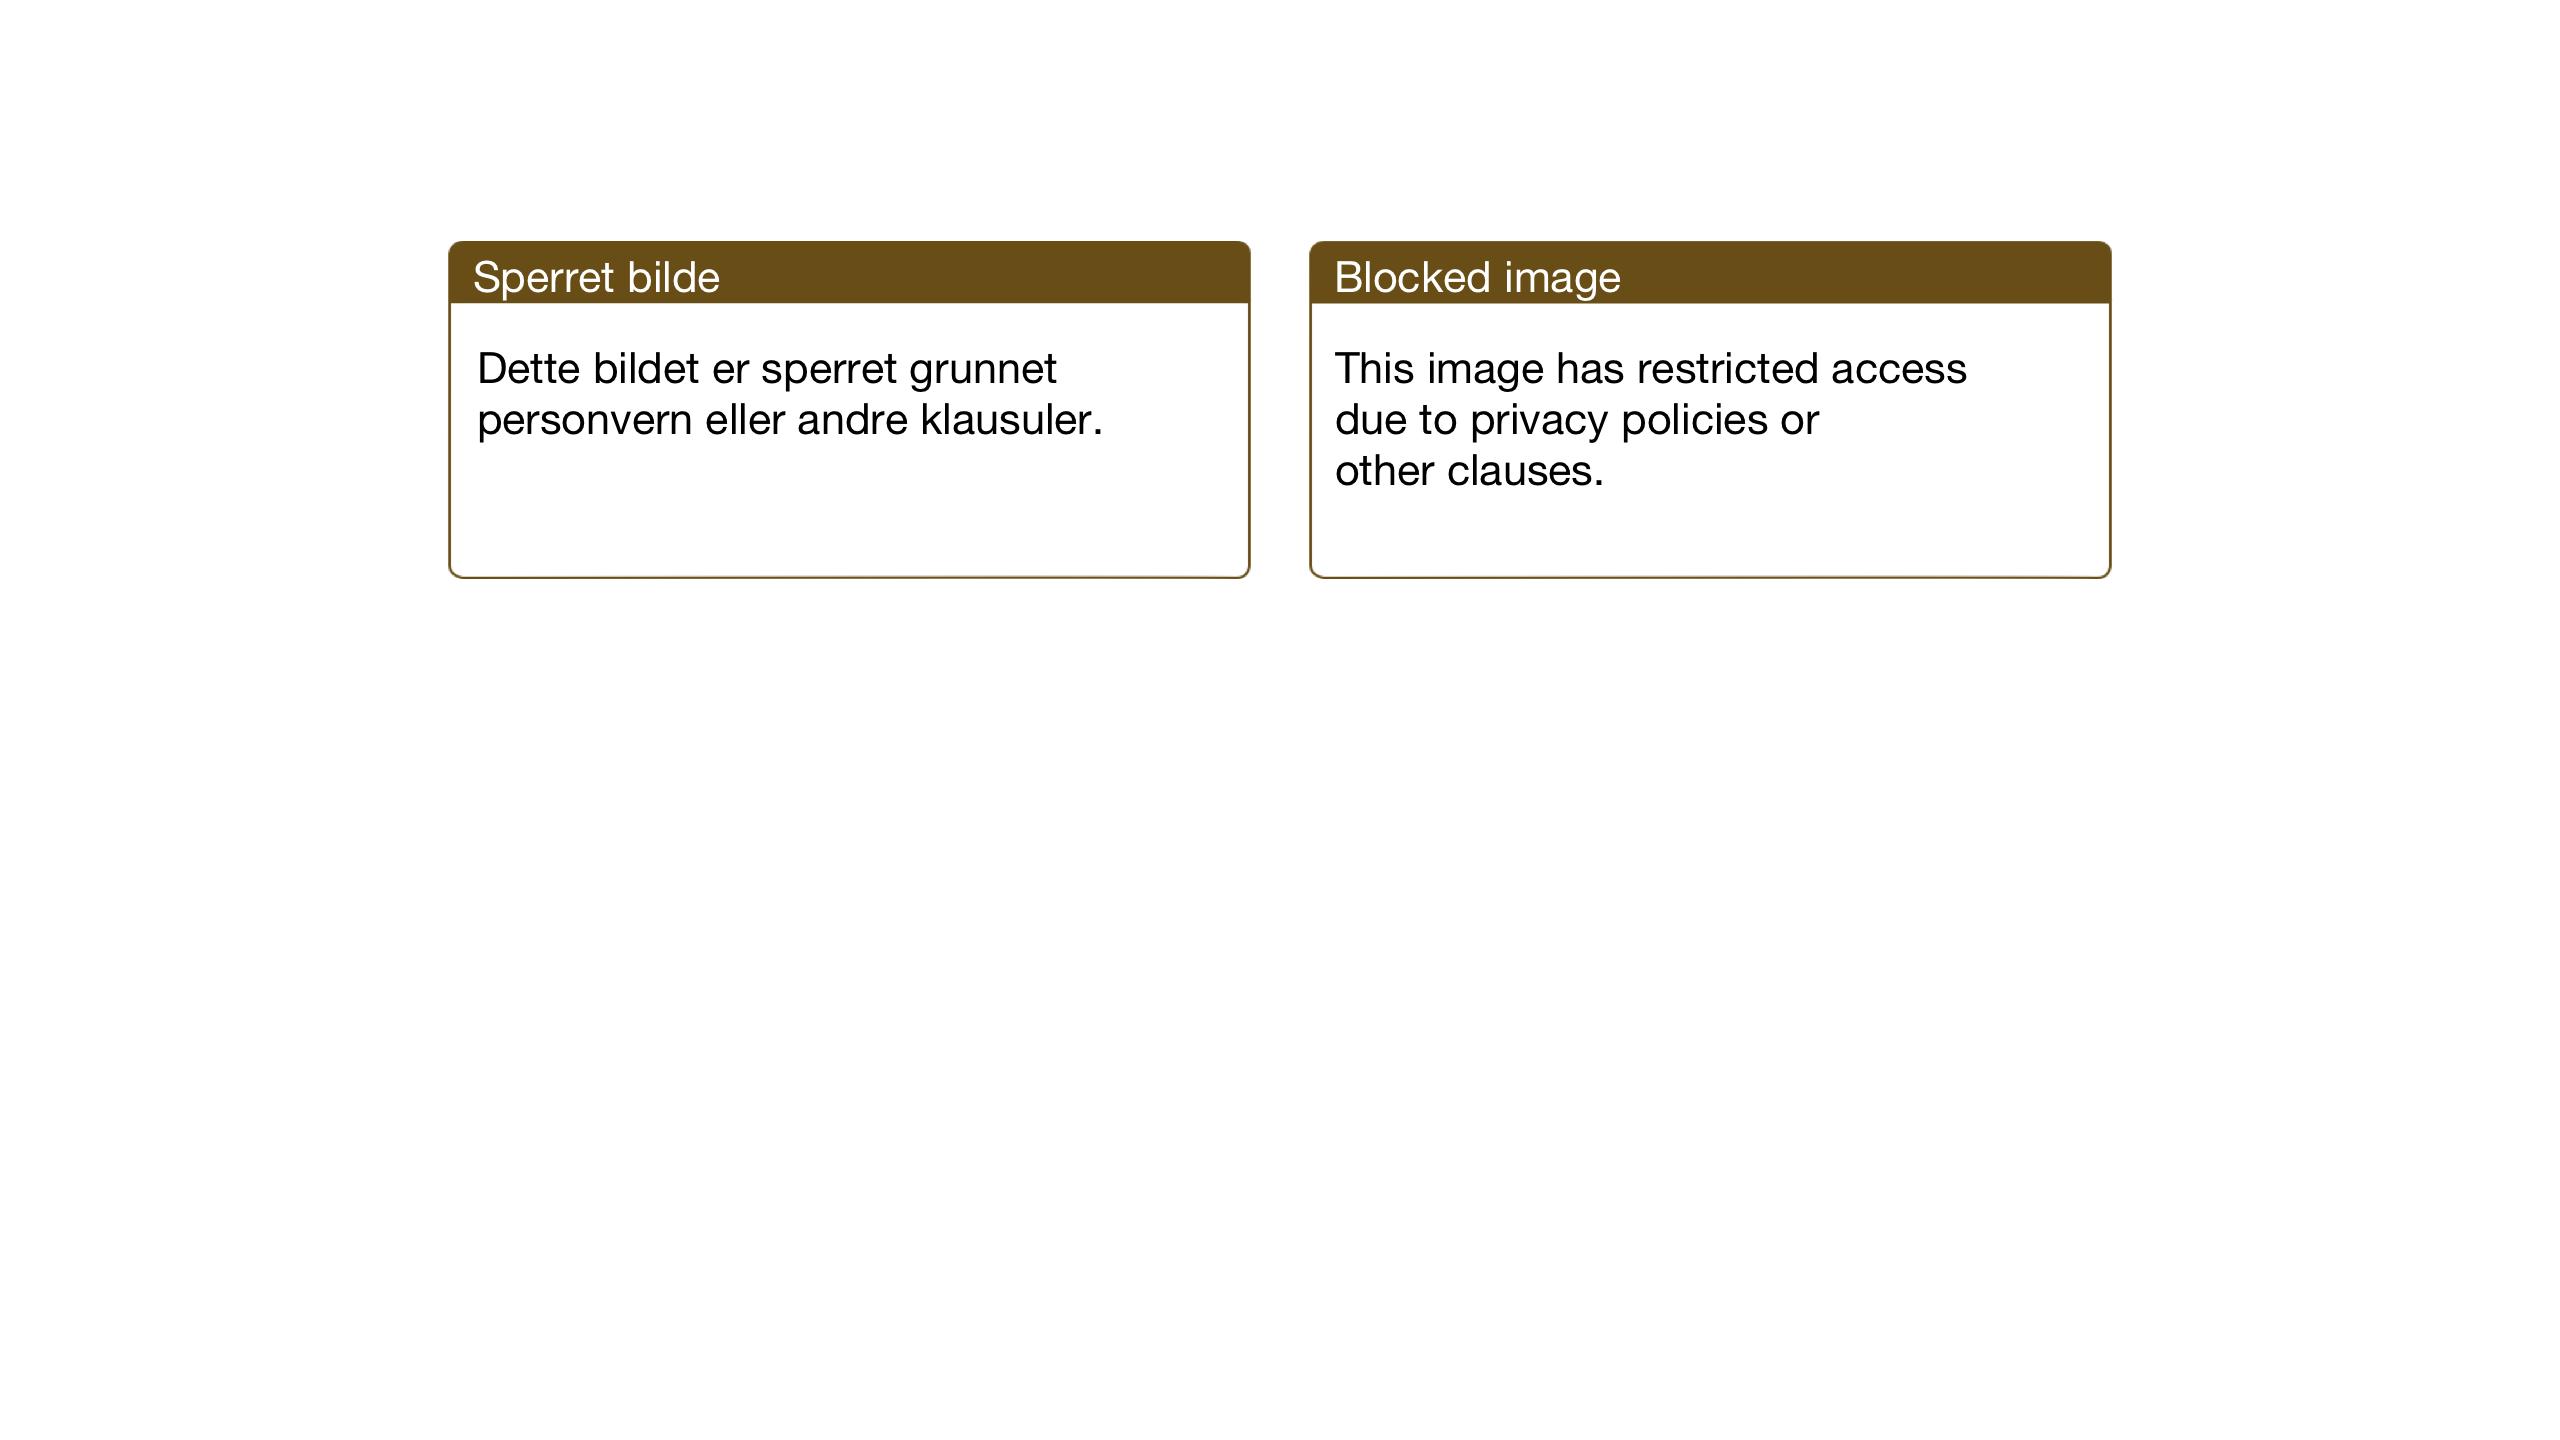 SAT, Ministerialprotokoller, klokkerbøker og fødselsregistre - Nord-Trøndelag, 786/L0689: Klokkerbok nr. 786C01, 1940-1948, s. 50-51